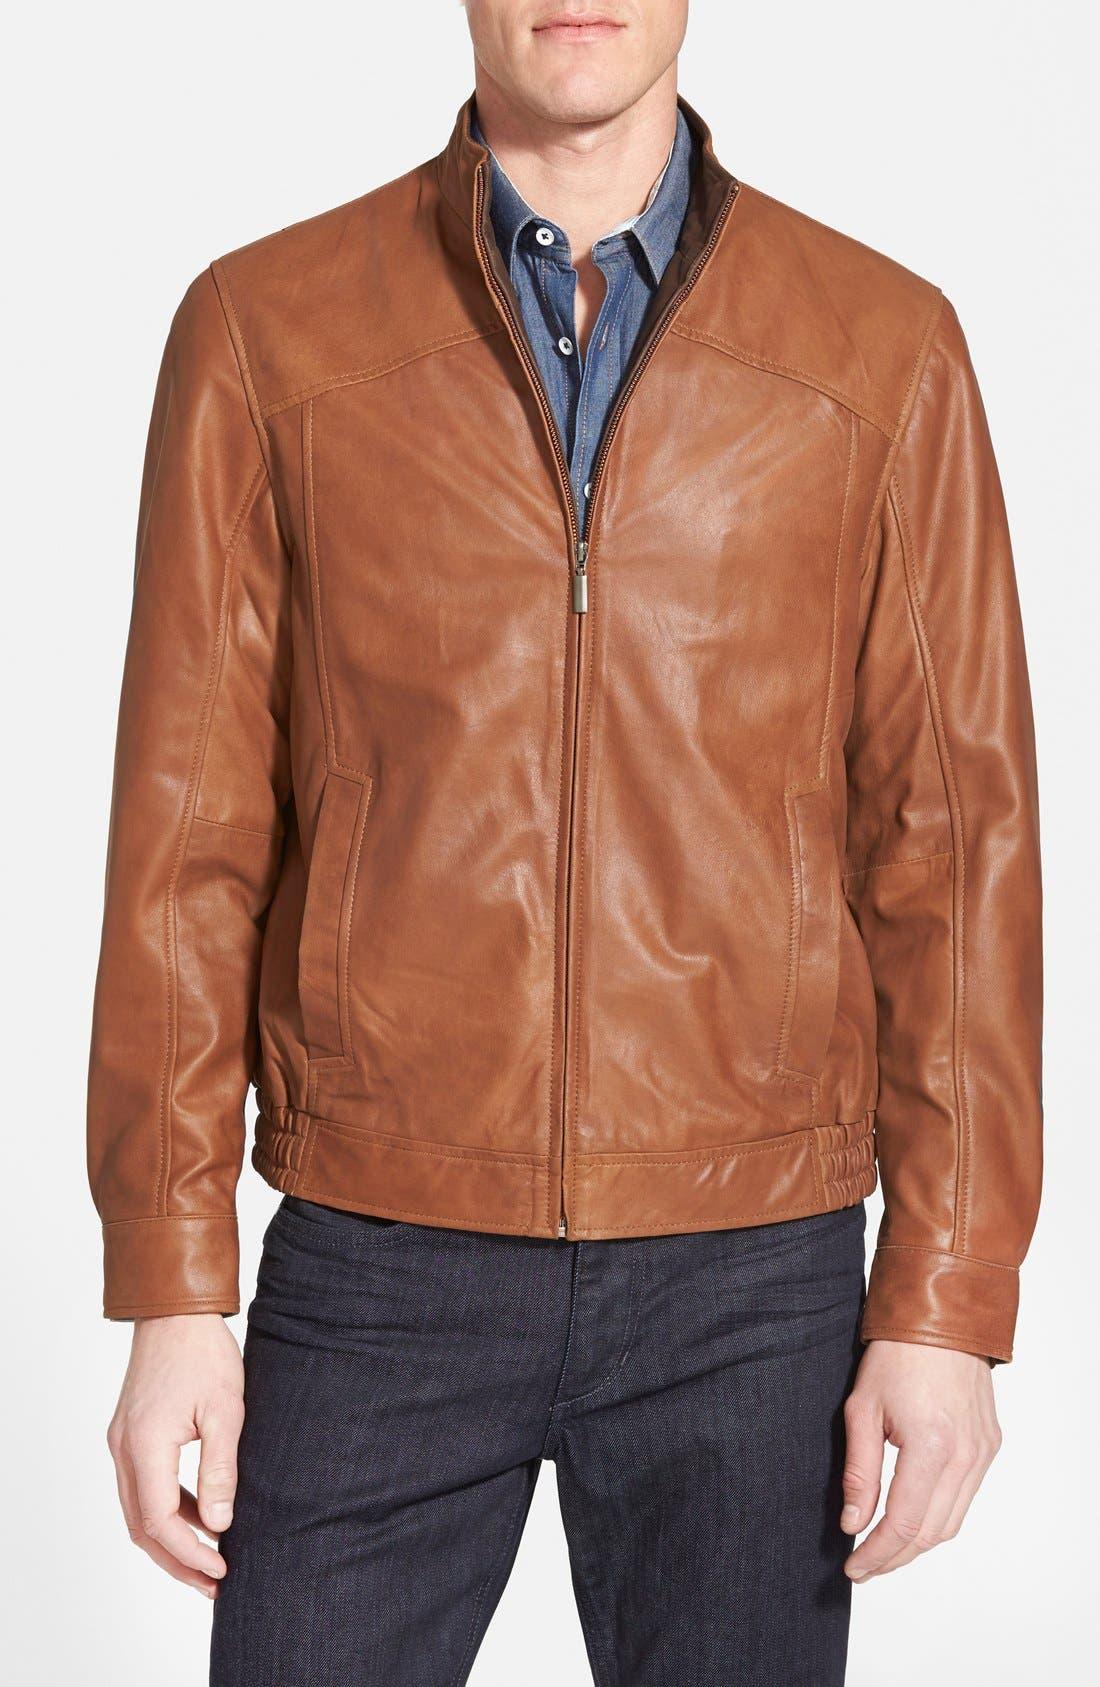 Main Image - Missani Le Collezioni Leather Bomber Jacket